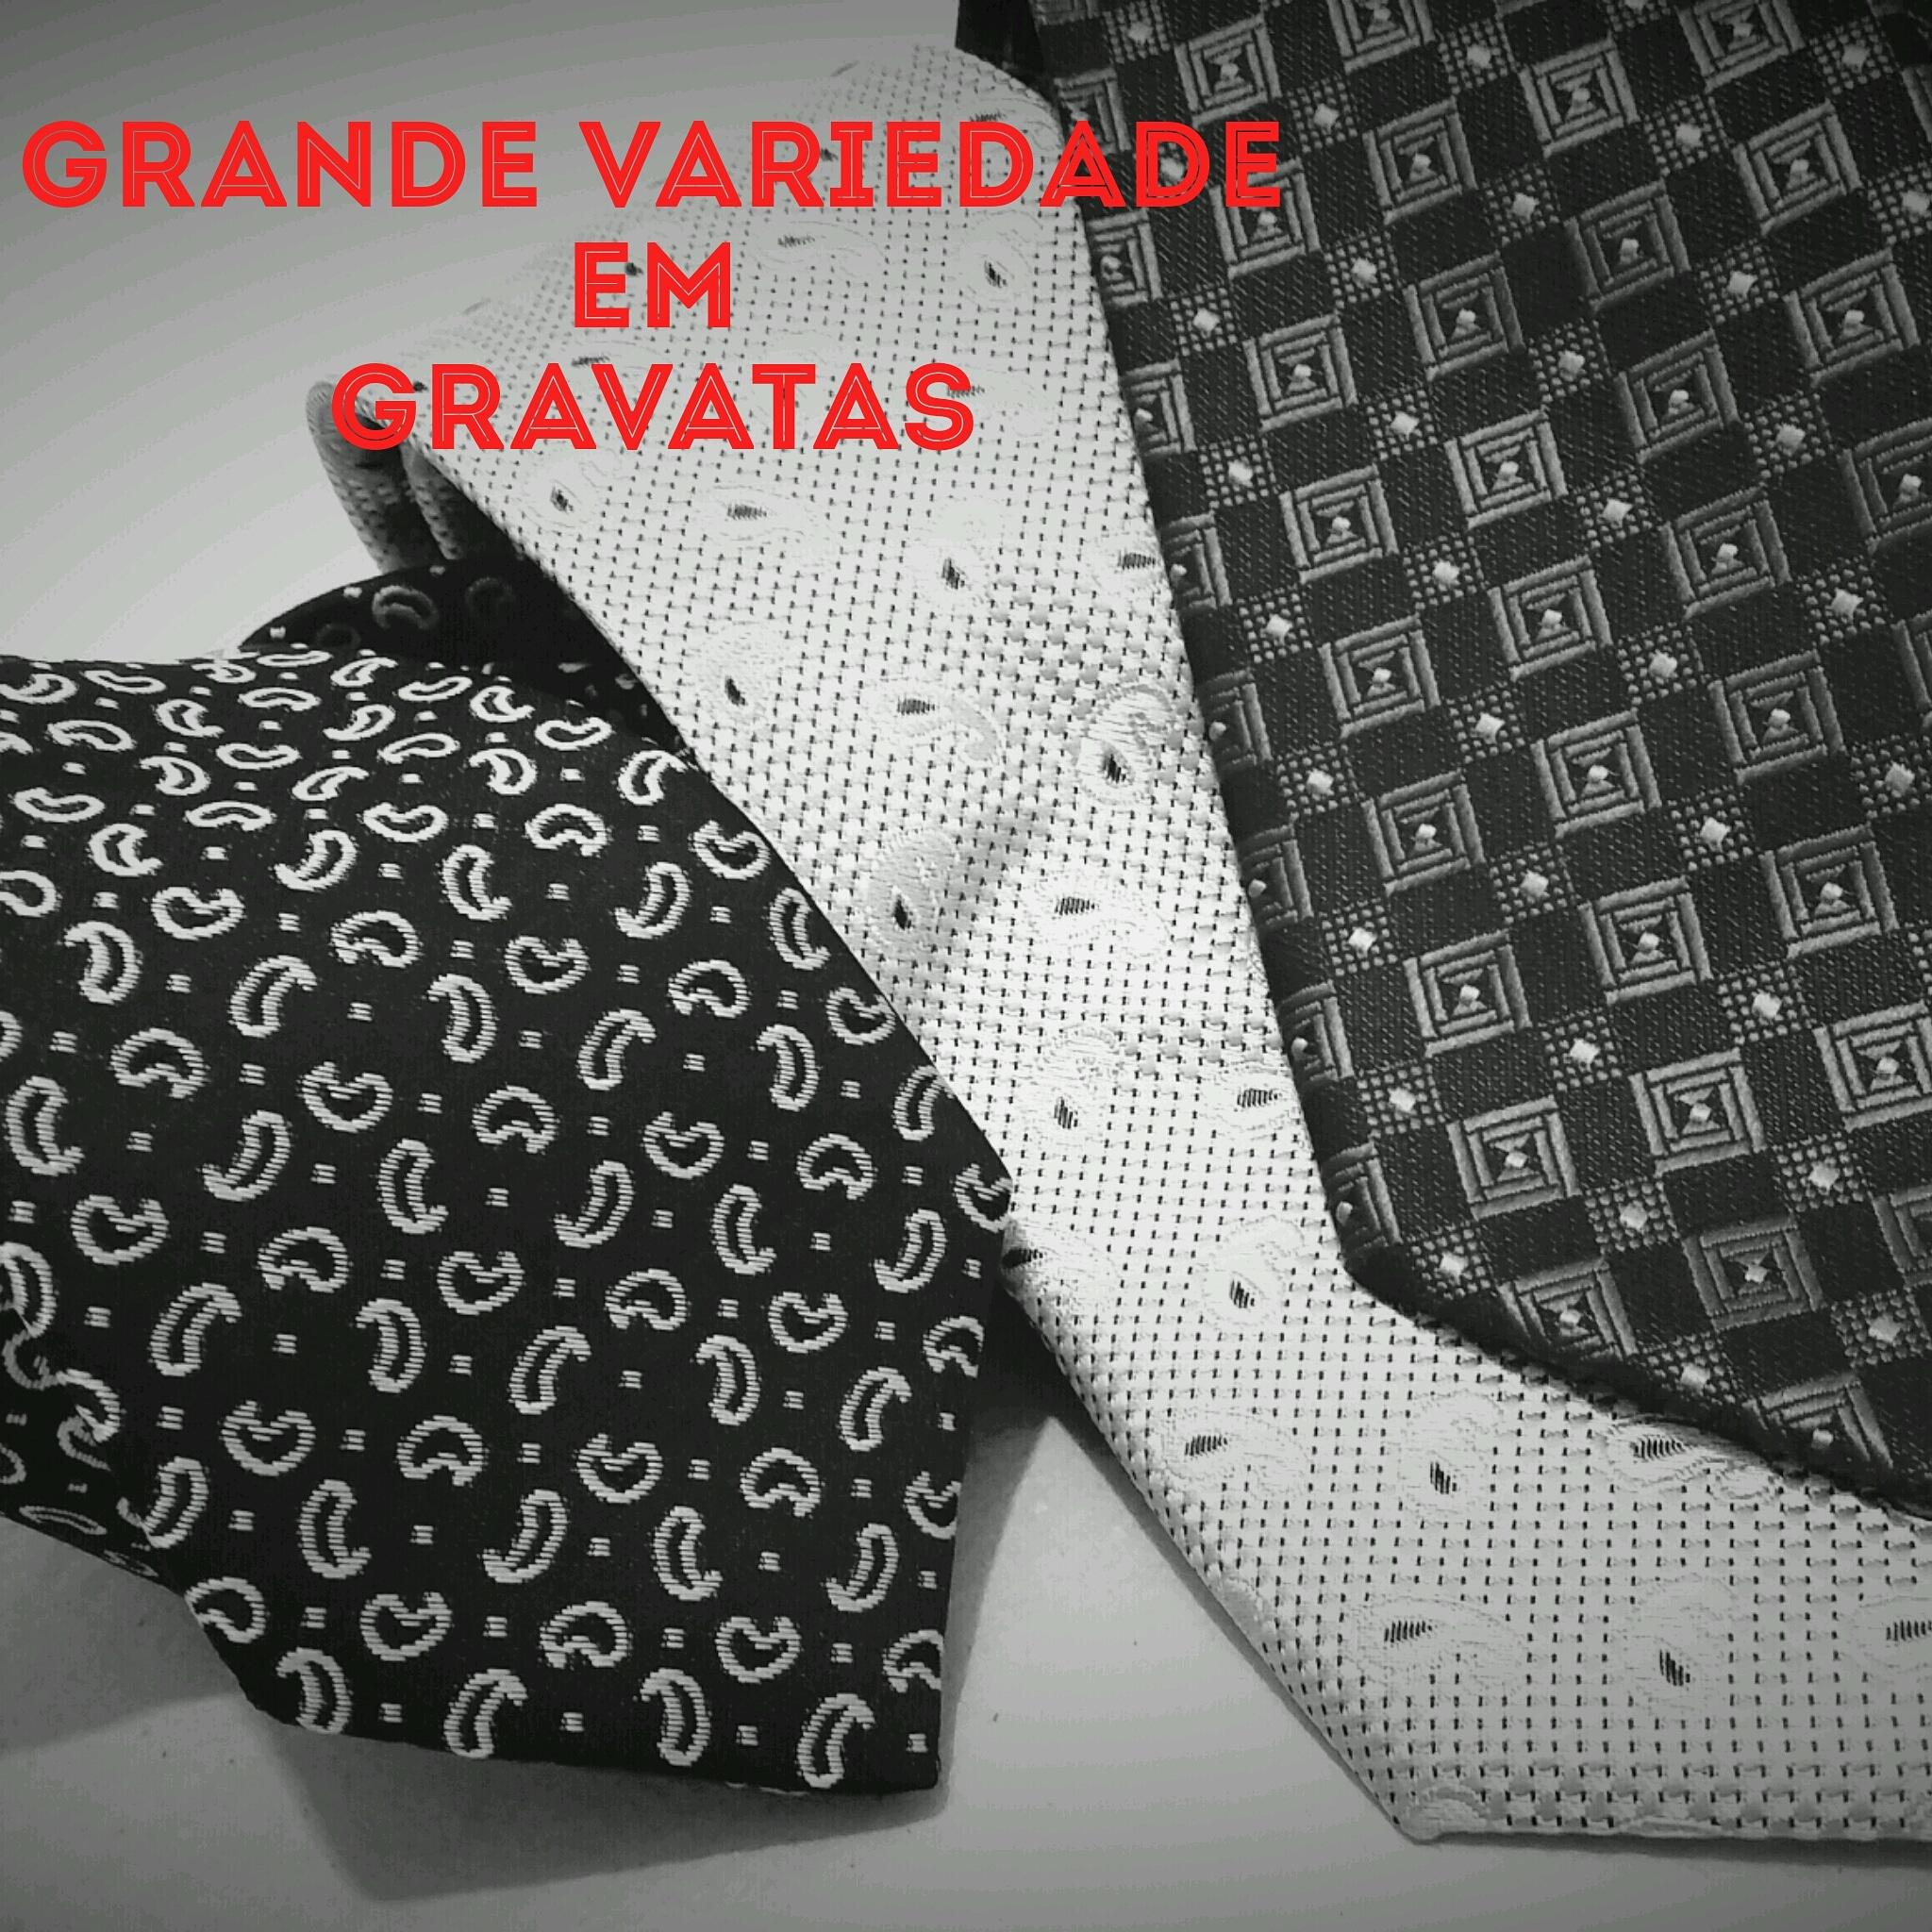 gravata slim e tradicional